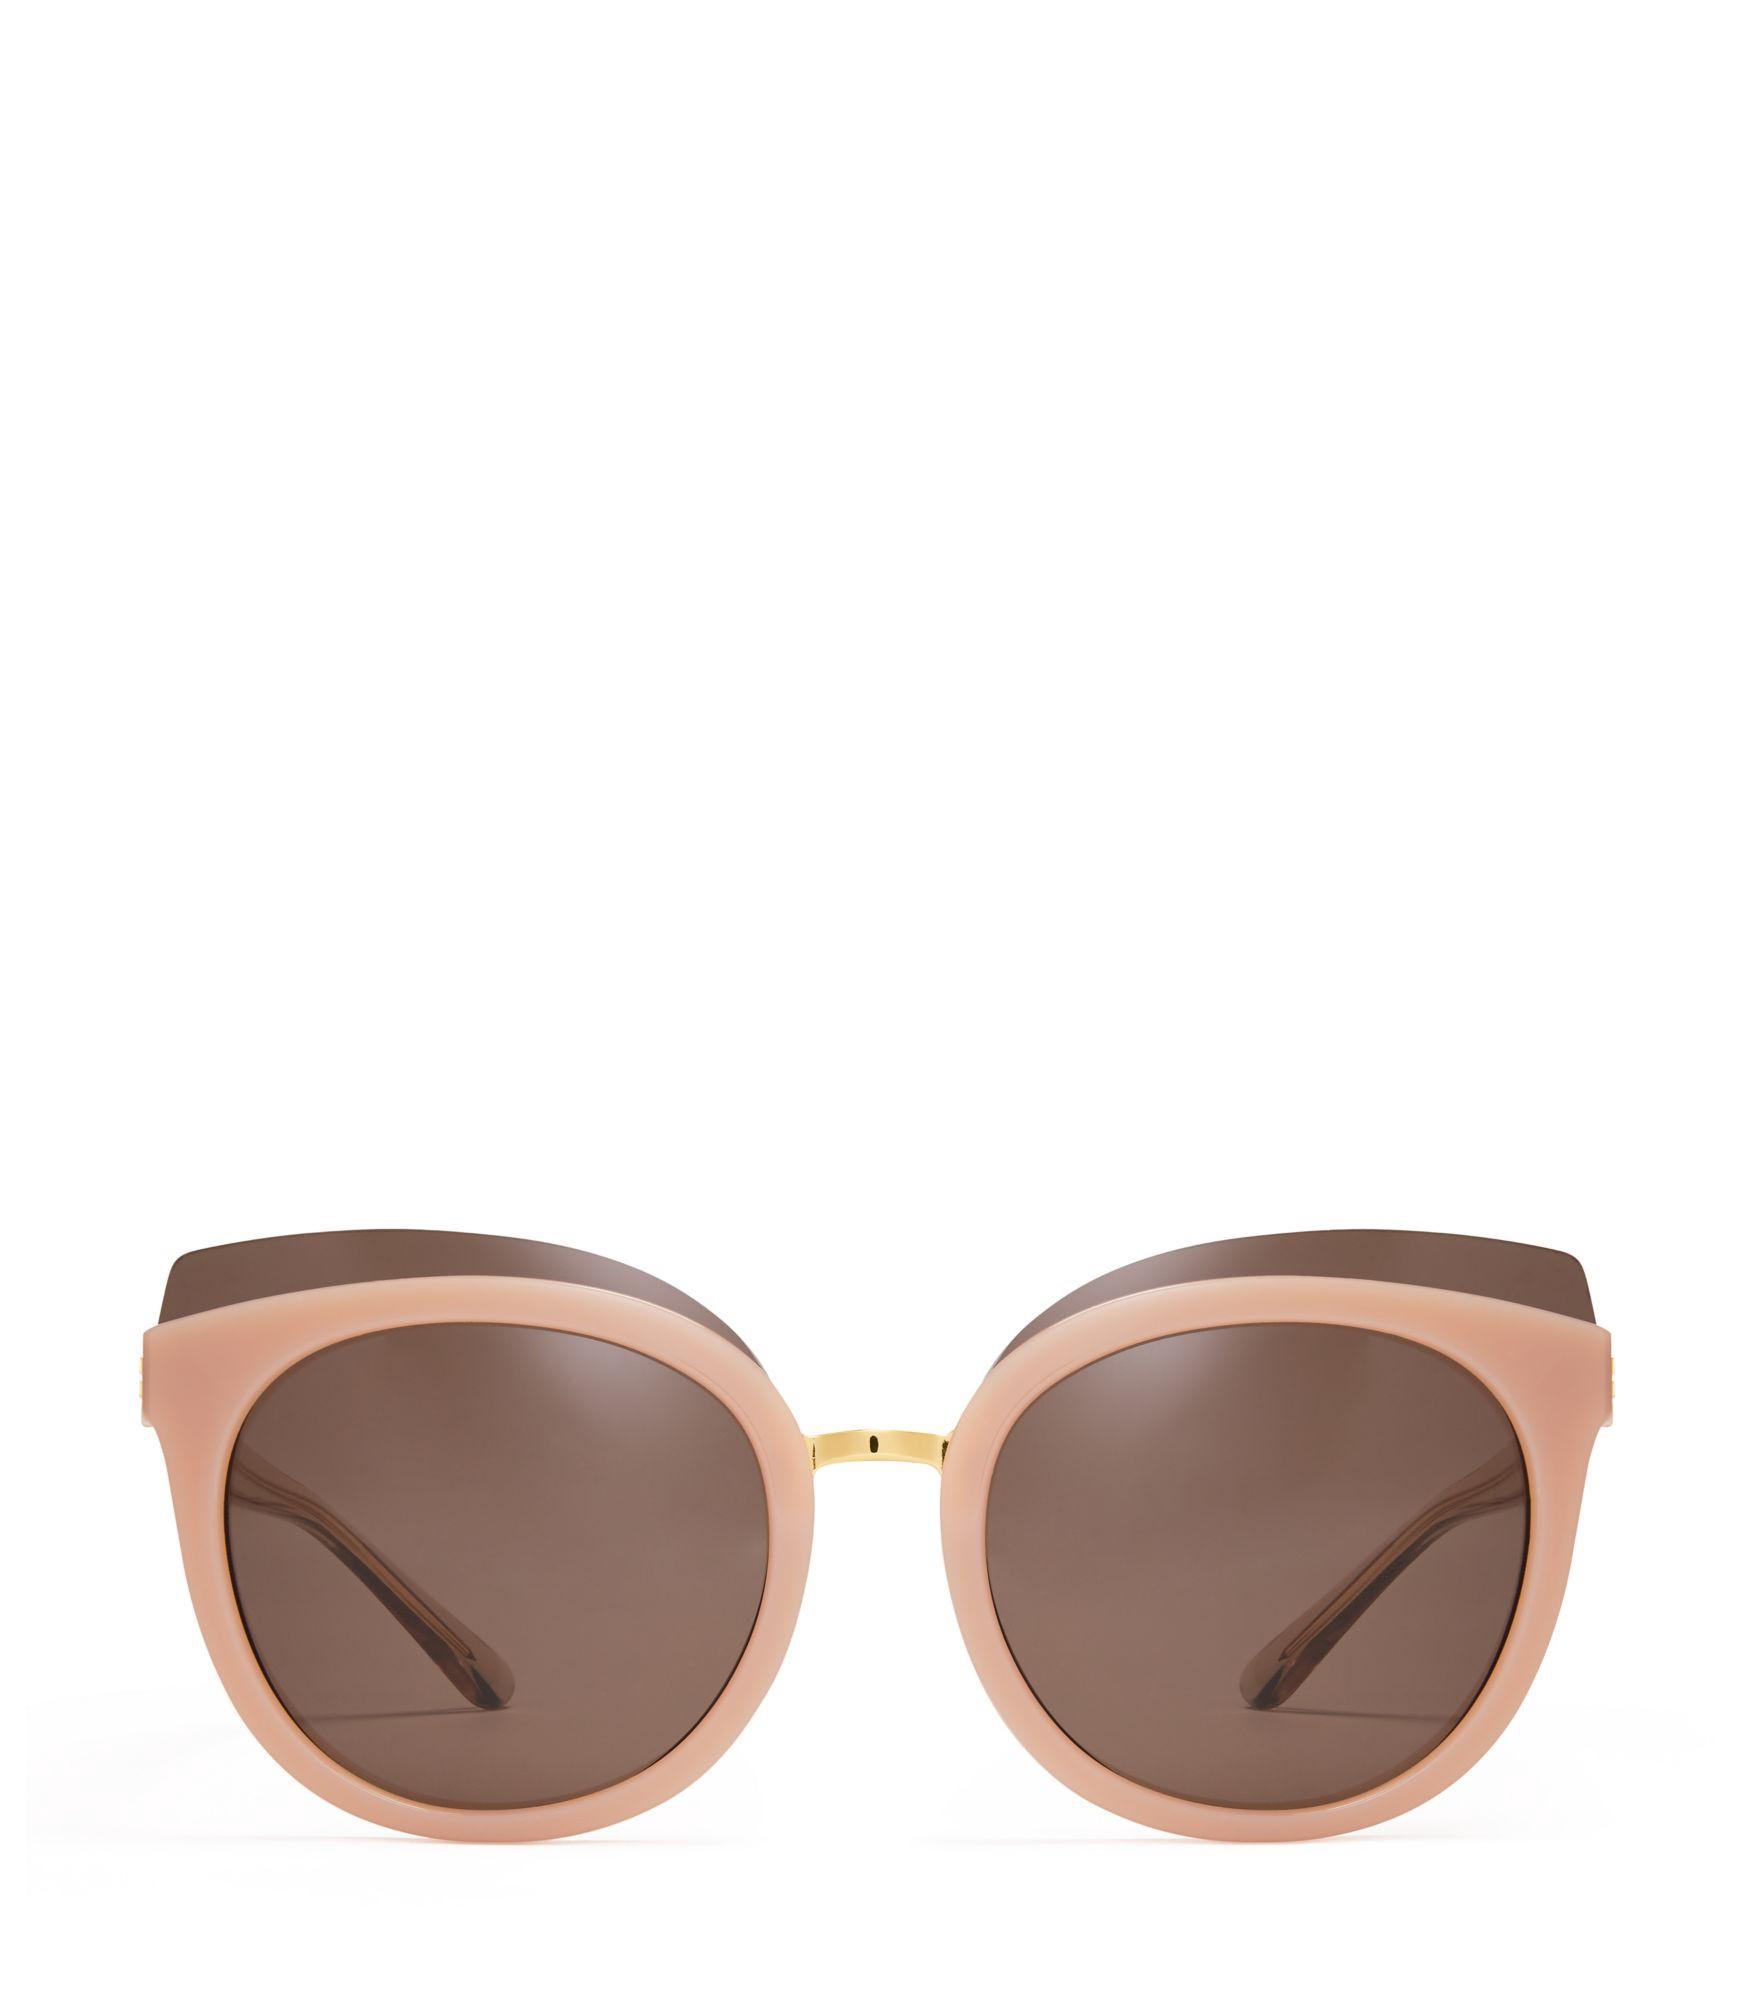 Tory Burch Panama Monochromatic Cat Eye Sunglasses Black